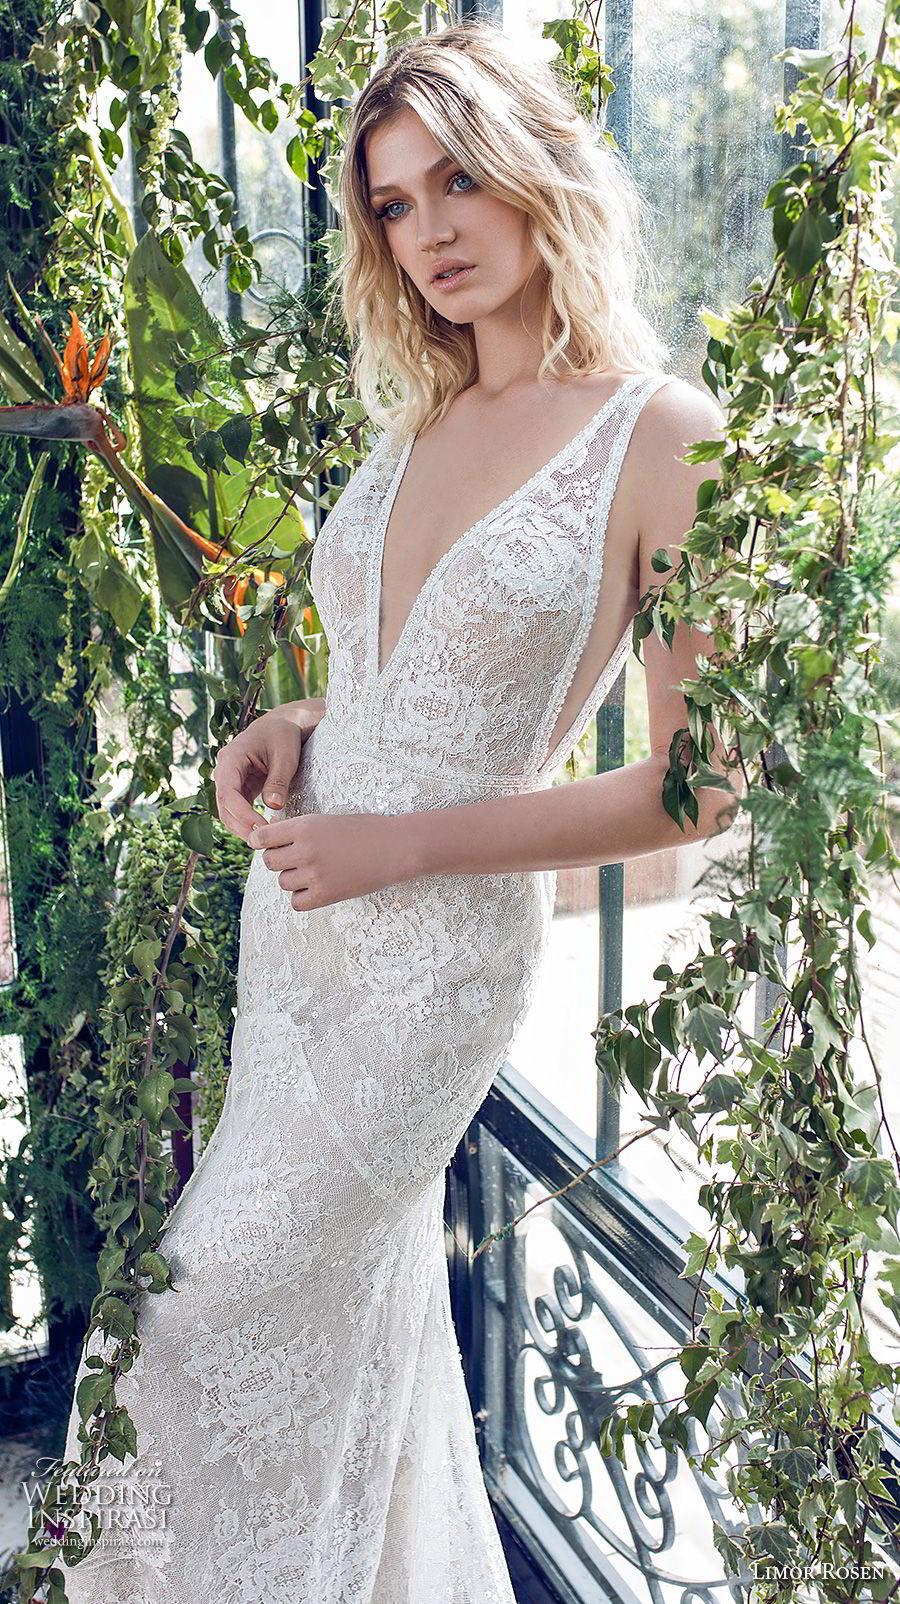 limor rosen 2019 xo bridal sleeveless deep v neck full embellishment open side elegant fit and flare wedding dress open back chapel train (11) zv mv